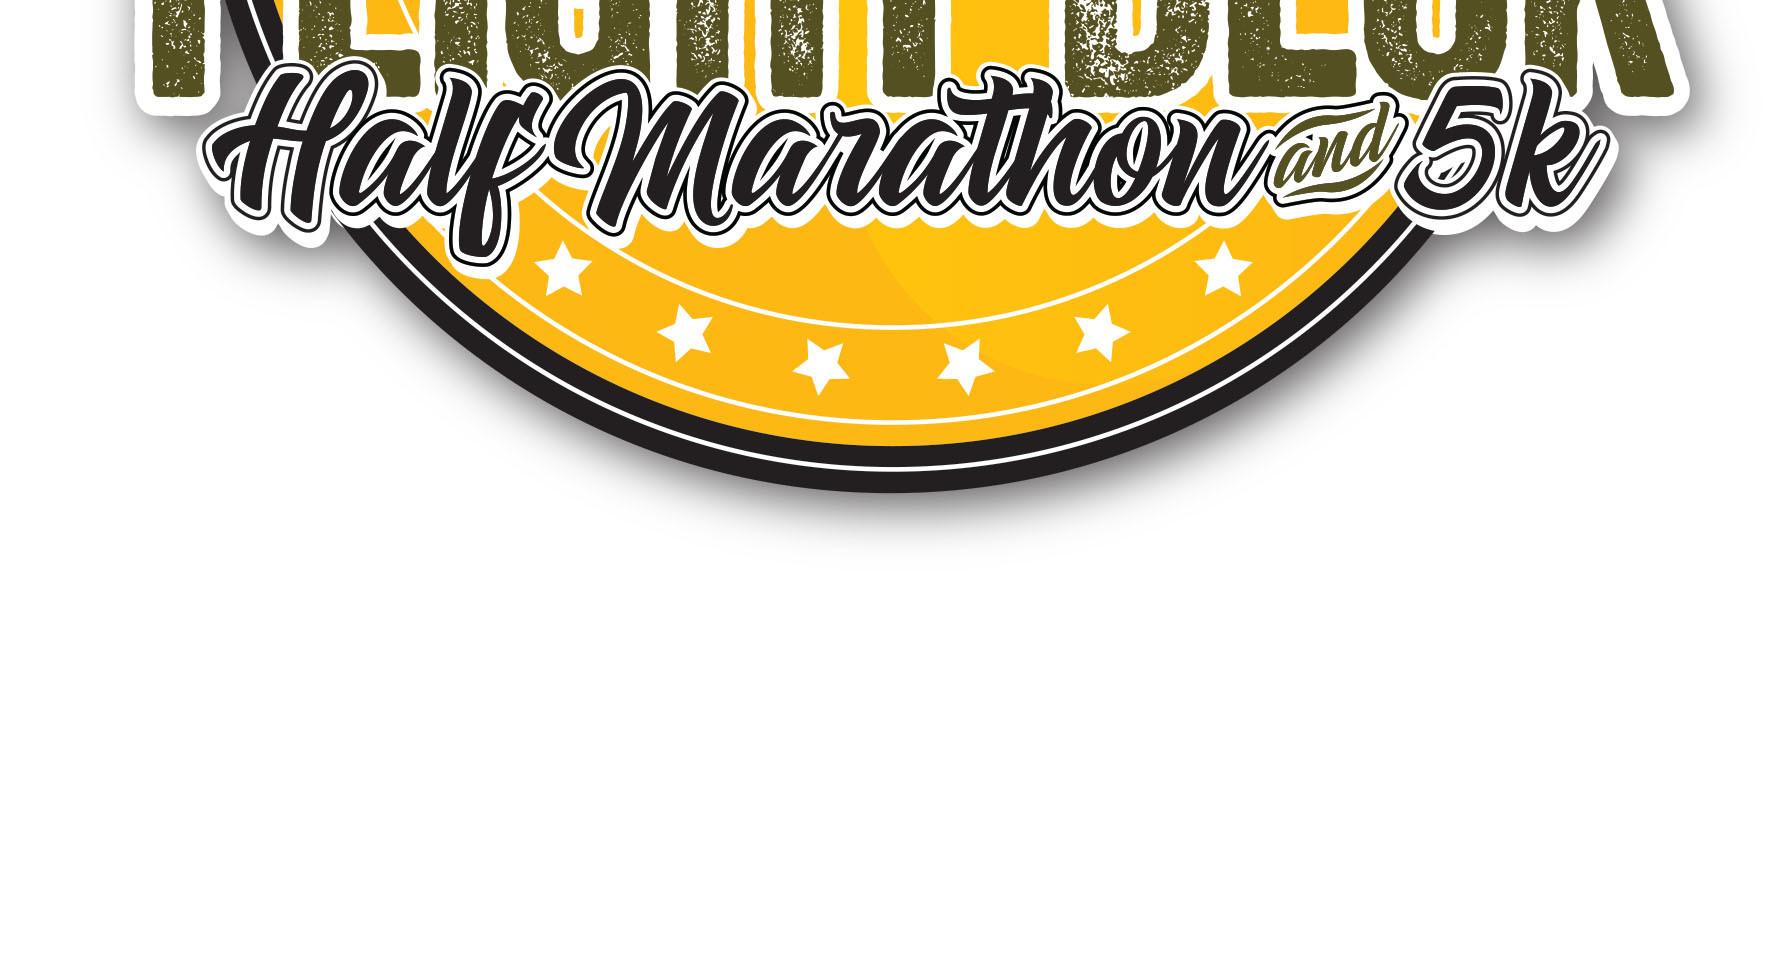 Flight Deck Half Marathon and 5K - 2